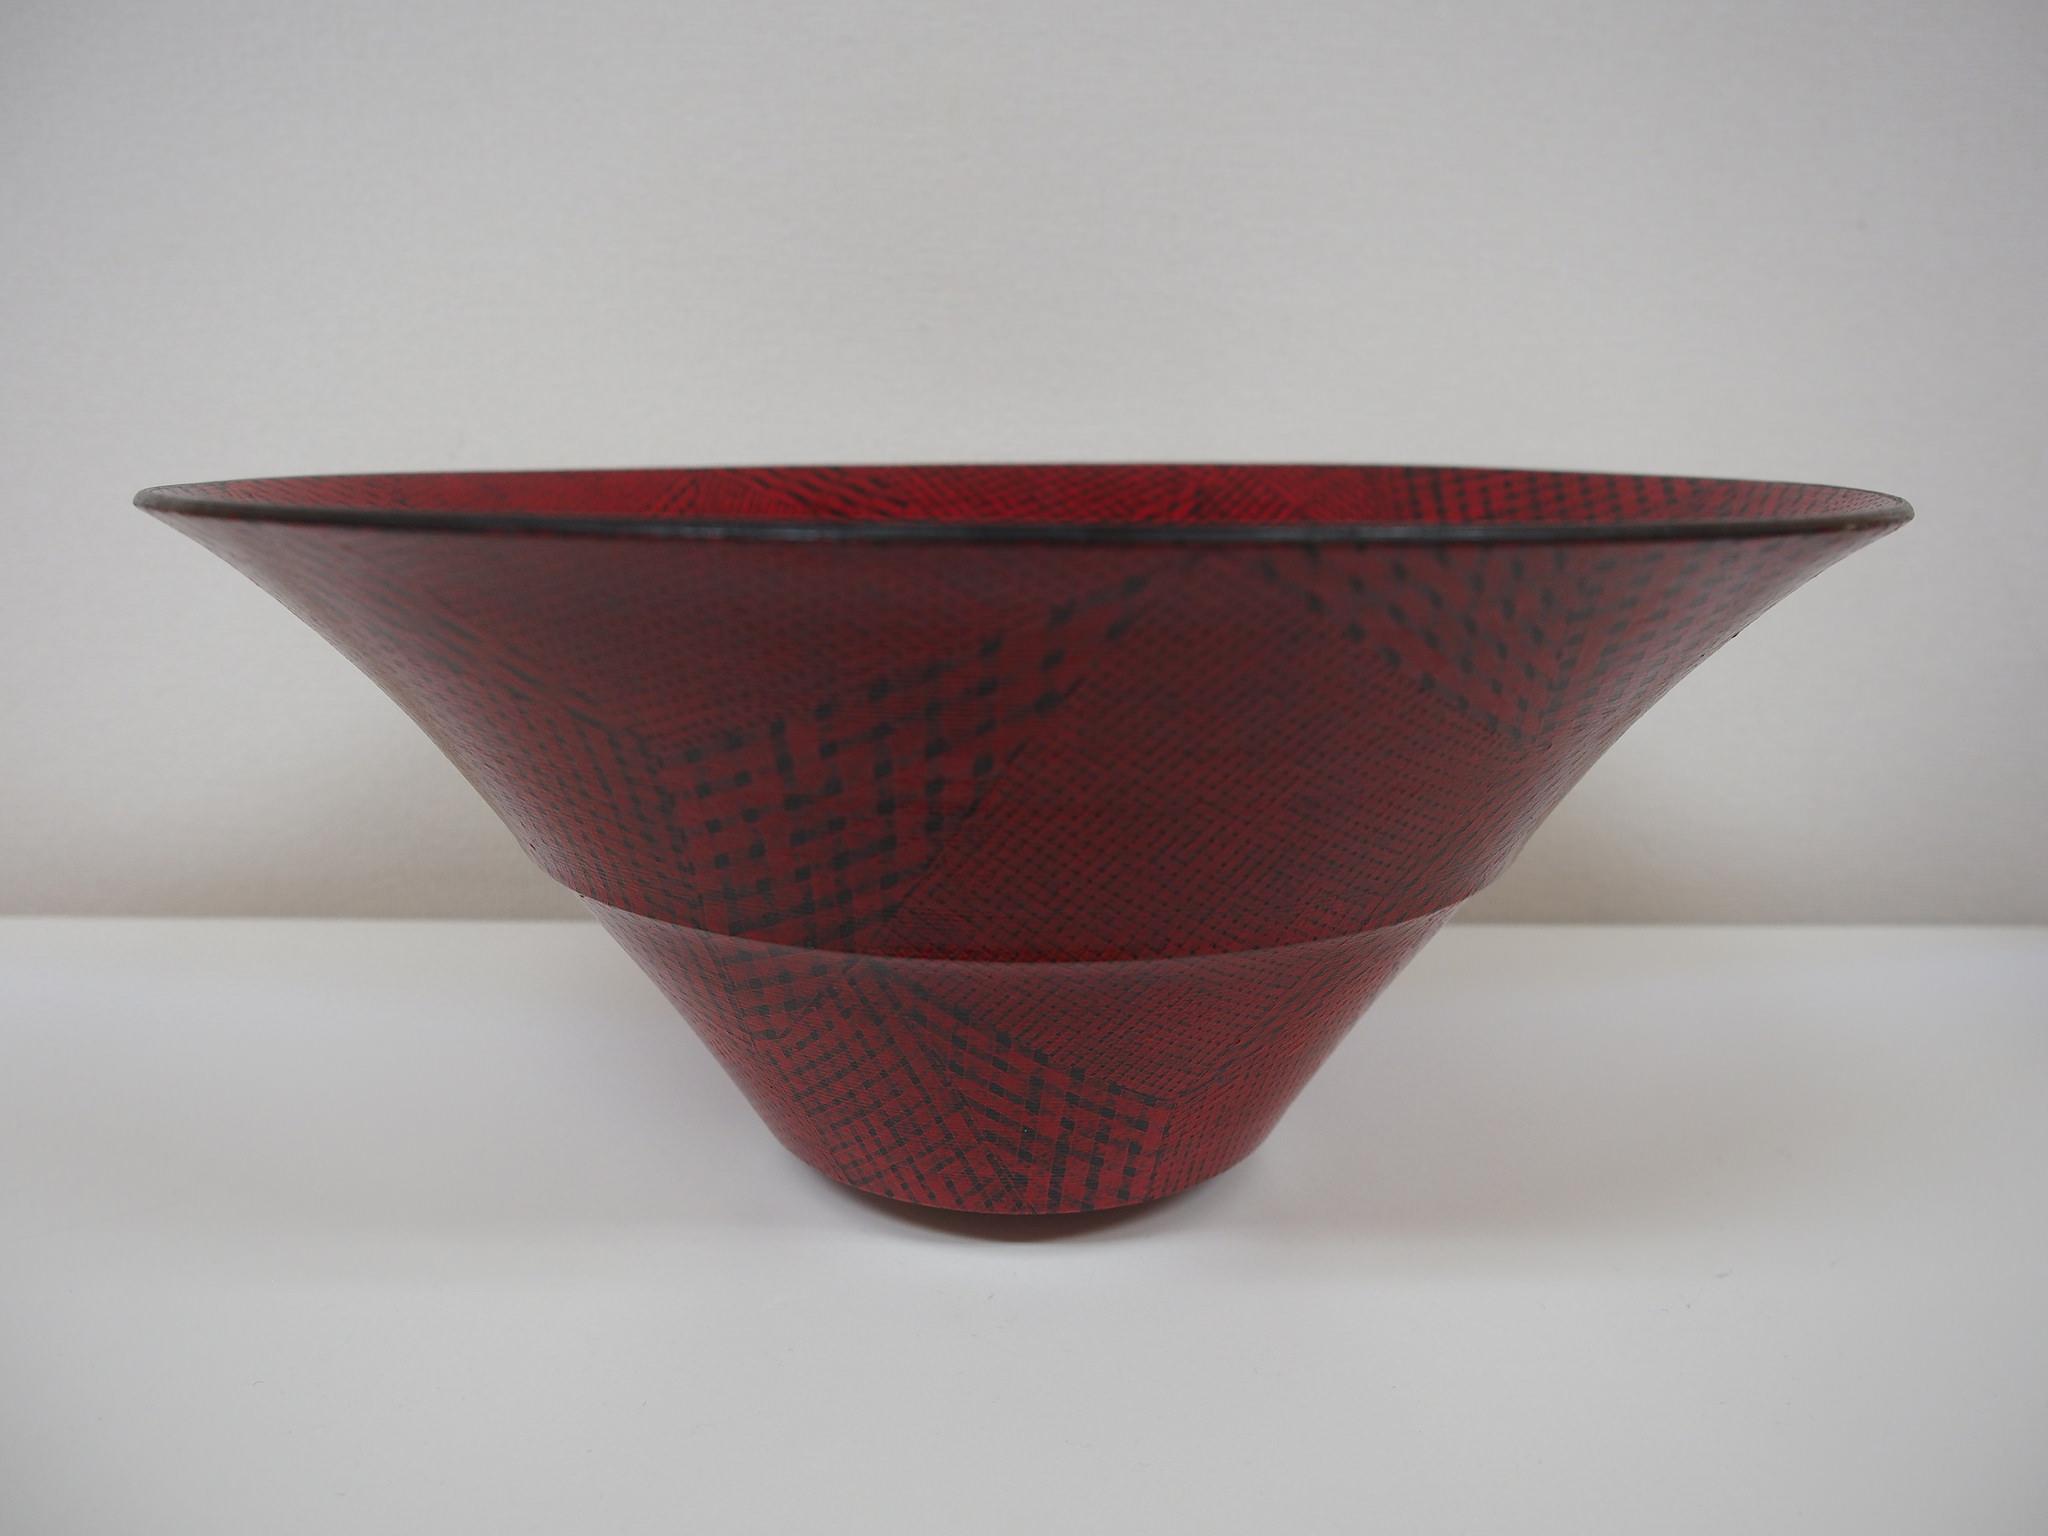 Mino ware by Masahiro Maeda.  © TOKI